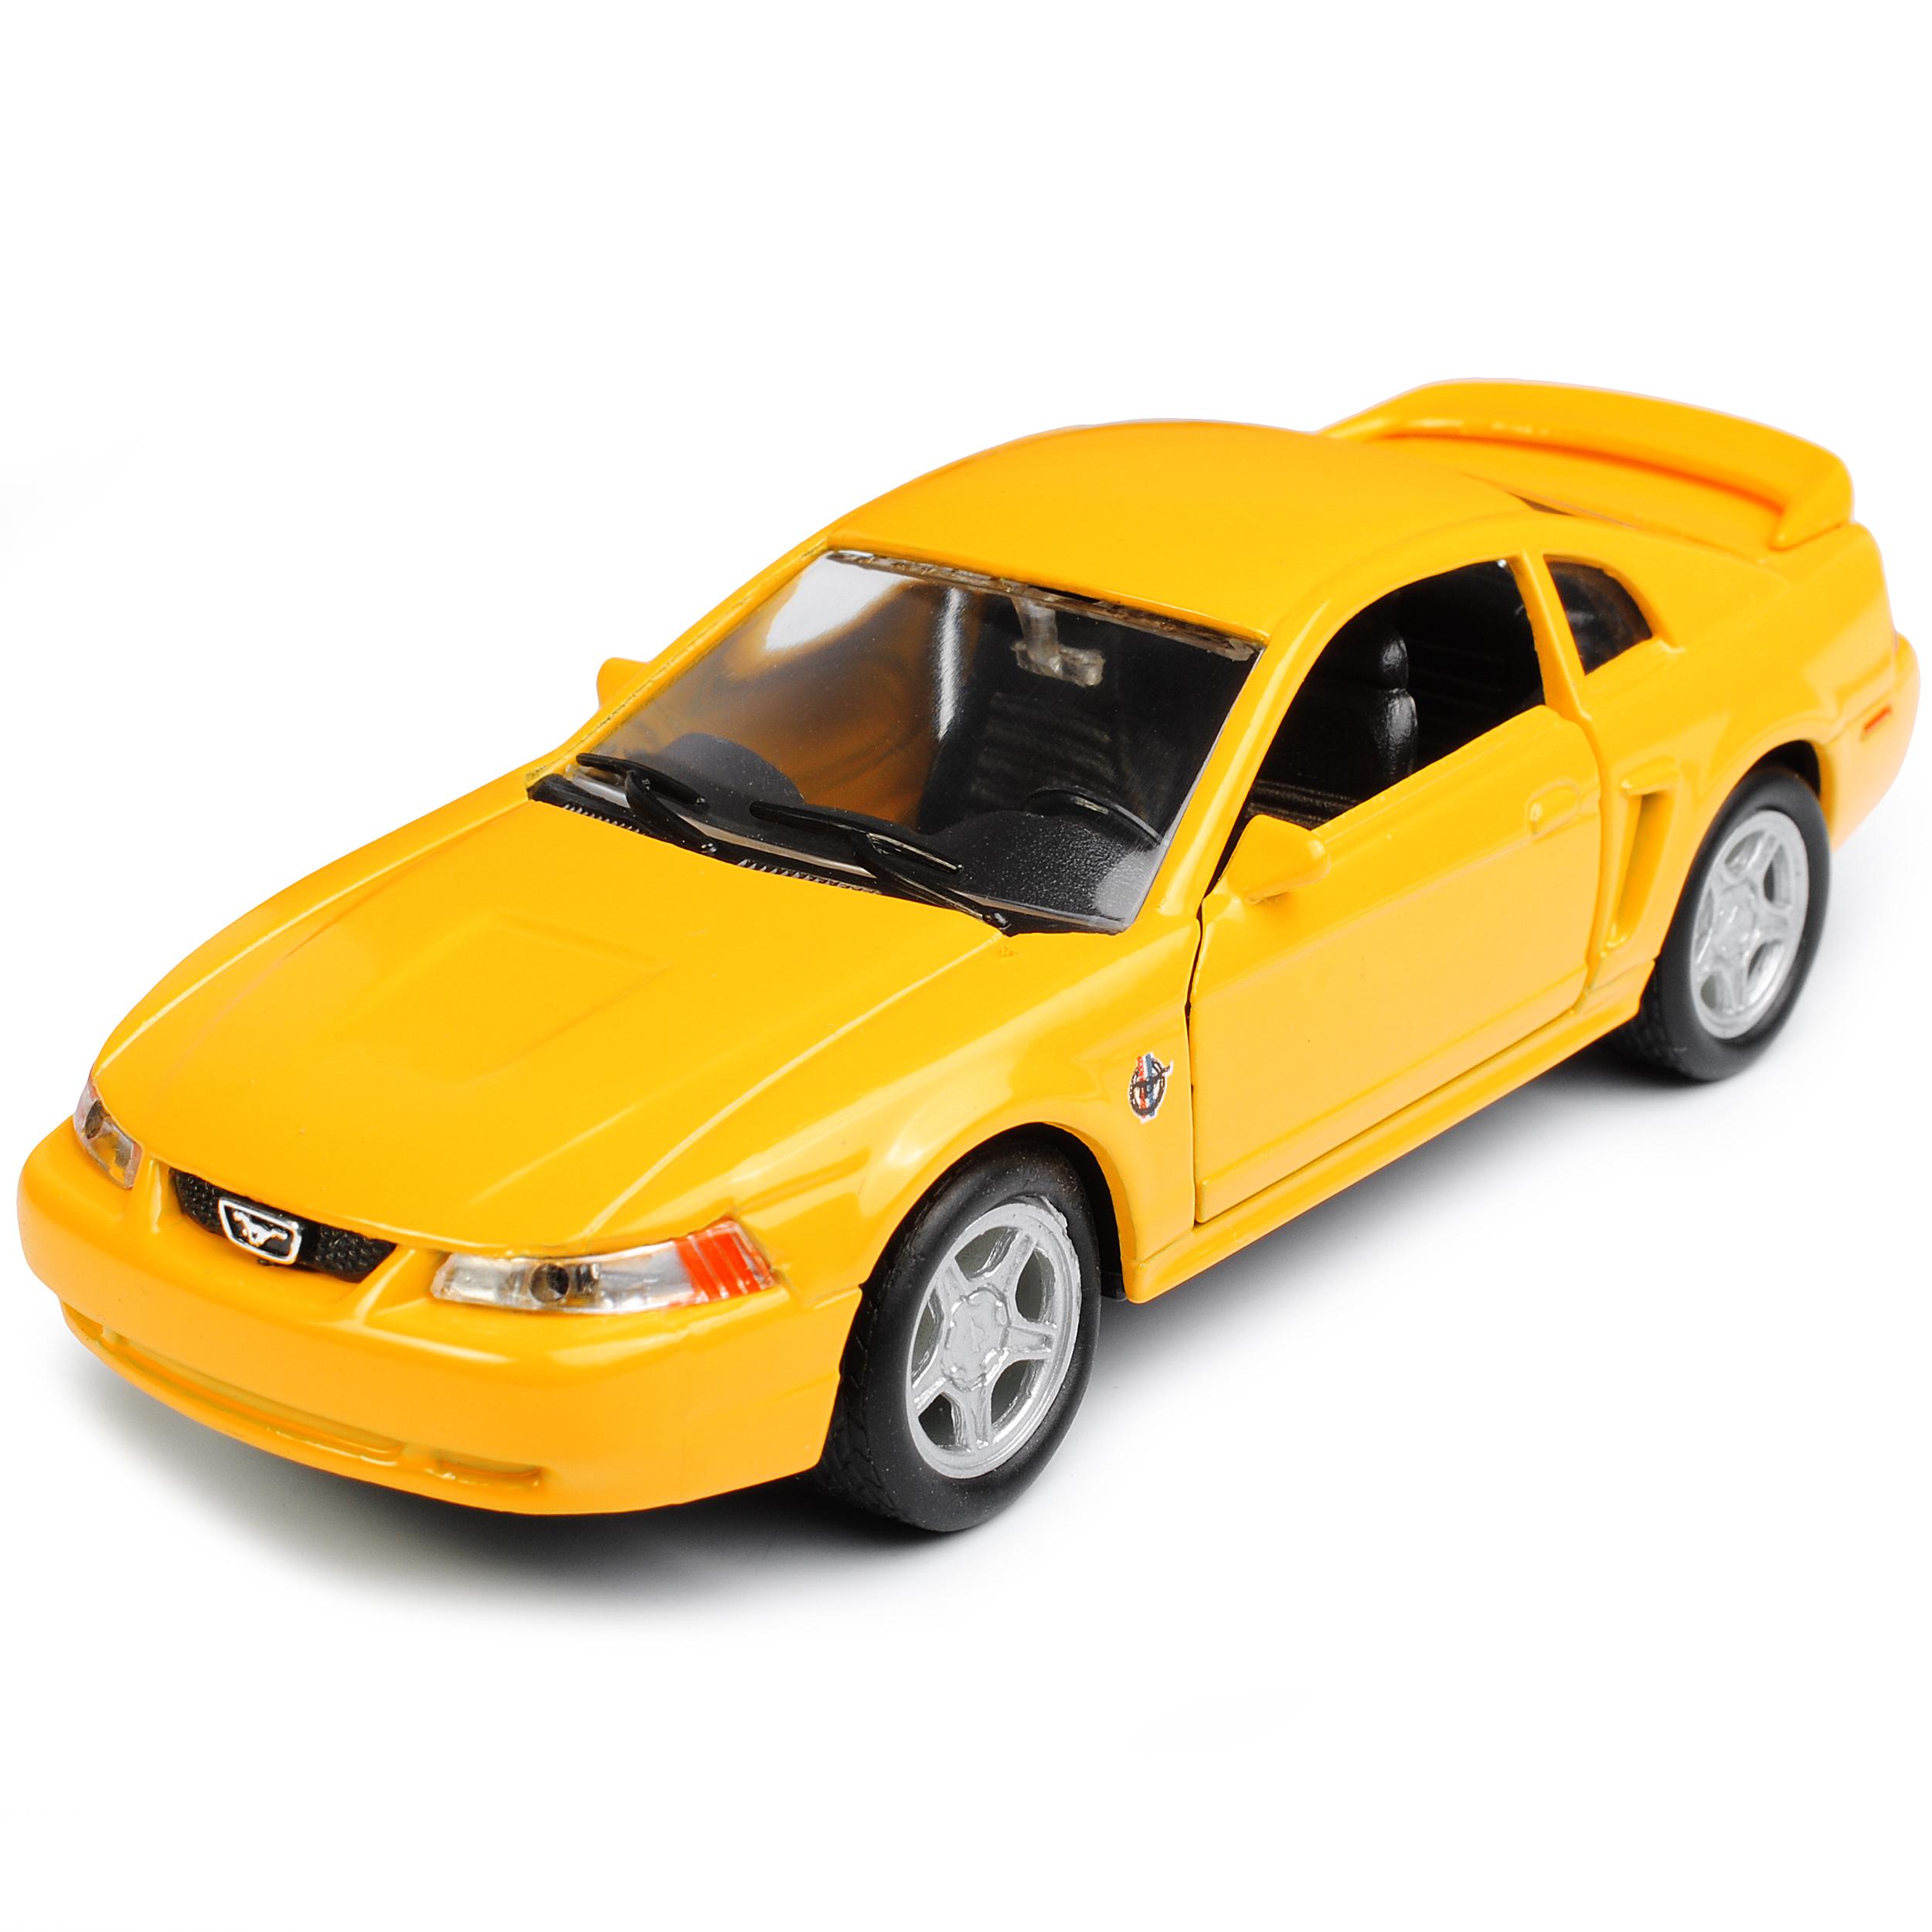 Version-de-amarillo-1994-2004-Ford-Mustang-IV-GT-coupe-de-cara-Levante-1999-ca-1-43-1-36 miniatura 8